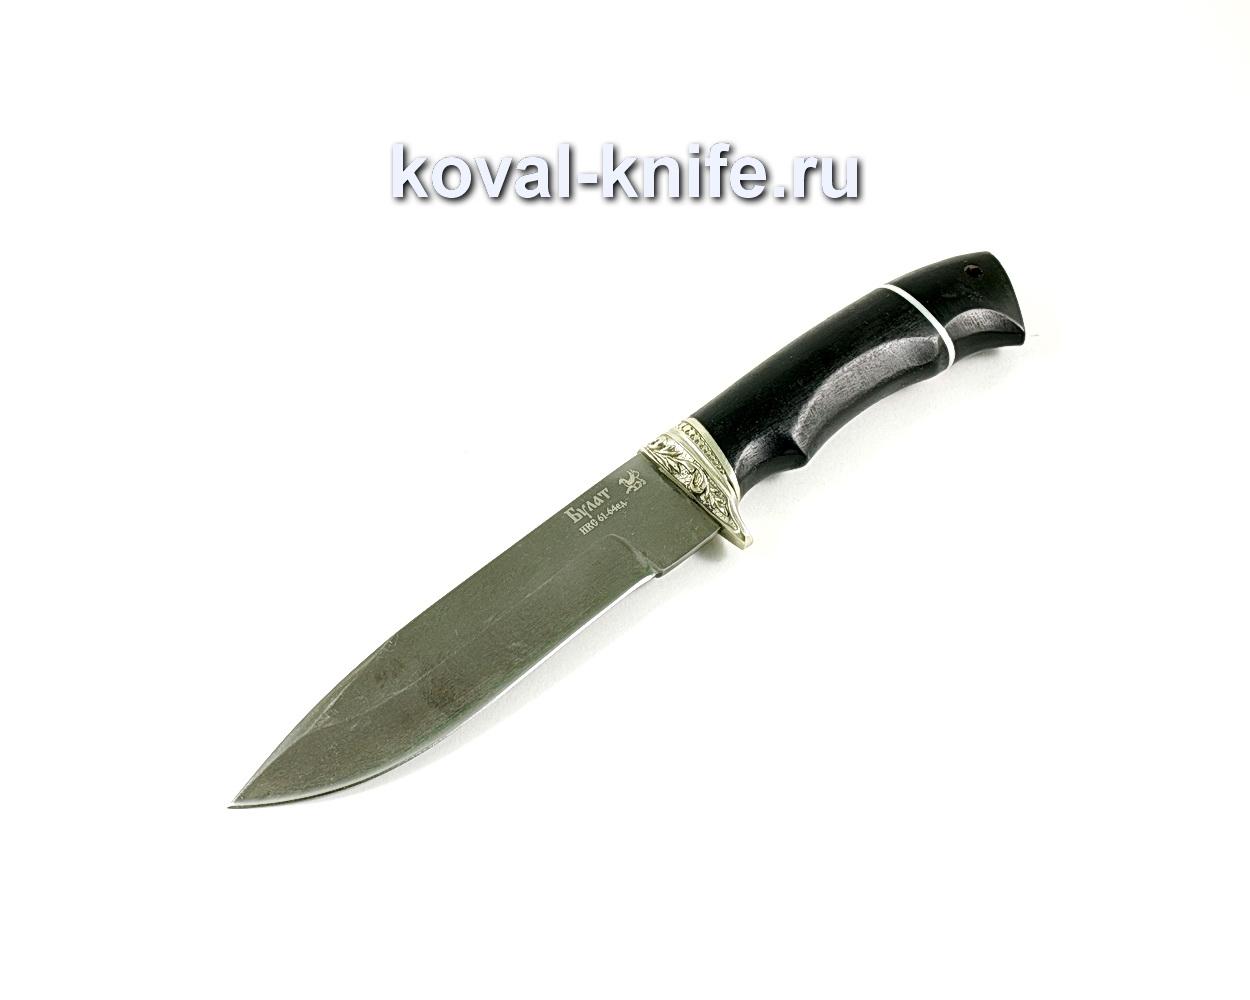 Нож Олимп (сталь Булат), рукоять граб, литье